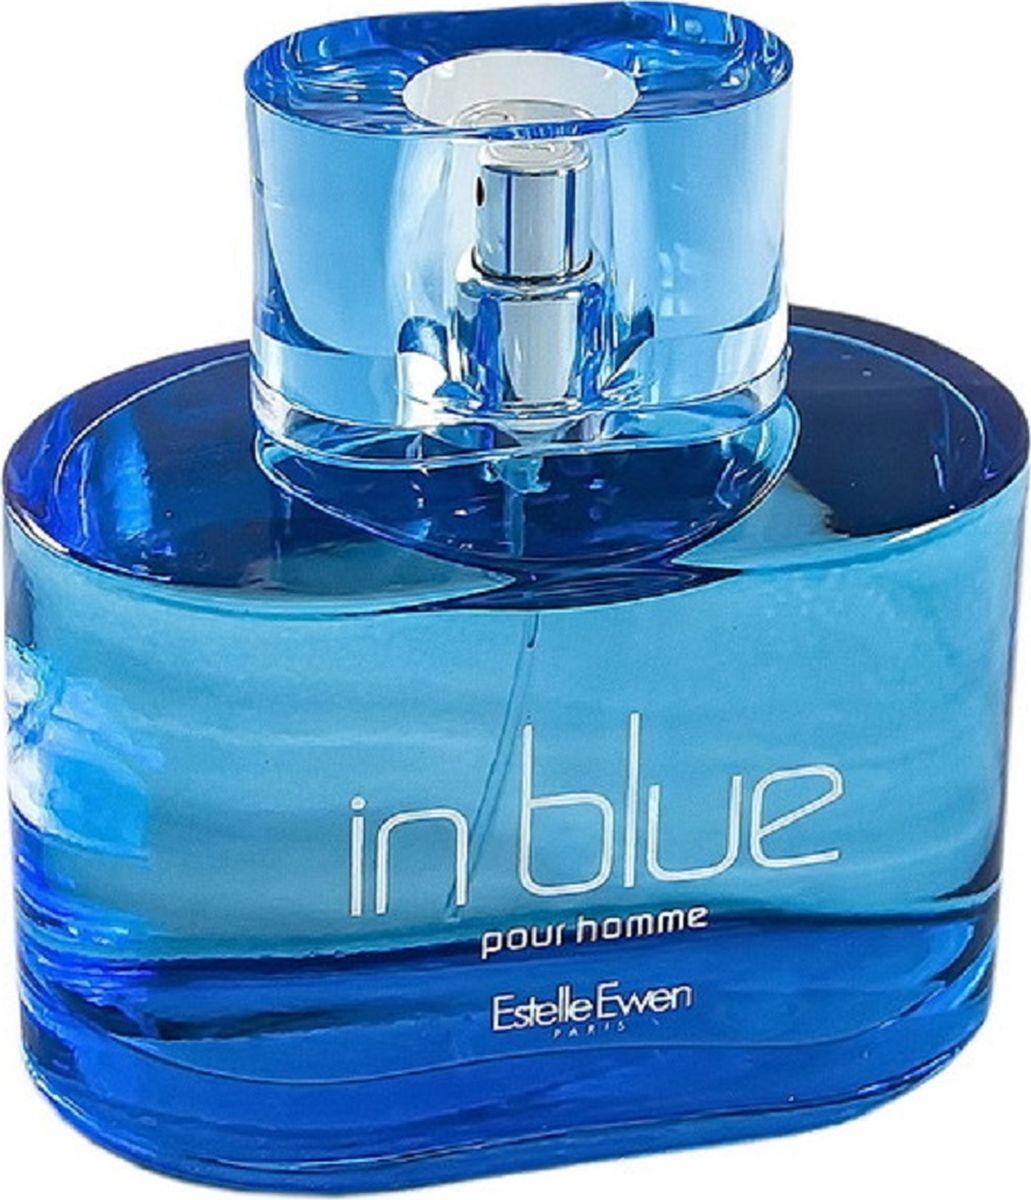 Geparlys Туалетная вода In Blue men, 100 мл3700134405333Geparlys In Blue Men — аромат посвящен путешественникам и первооткрывателям. Цитрусовый, свежий, холодный парфюм дарит ощущение присутствия манящих морских просторов, и не торопит прощаться с летом. Окунитесь в атмосферу знойного летнего дня, добавьте в него ледяной прохлады и природной свежести. Основная парфюмерная композиция: лимон, мандарин, мускатный орех, кедр, бергамот. Geparlys In Blue Men располагает к отдыху на берегу отдаленного от городской суеты озера с зеркально-чистой водой или на солнечном морском побережье.Краткий гид по парфюмерии: виды, ноты, ароматы, советы по выбору. Статья OZON Гид